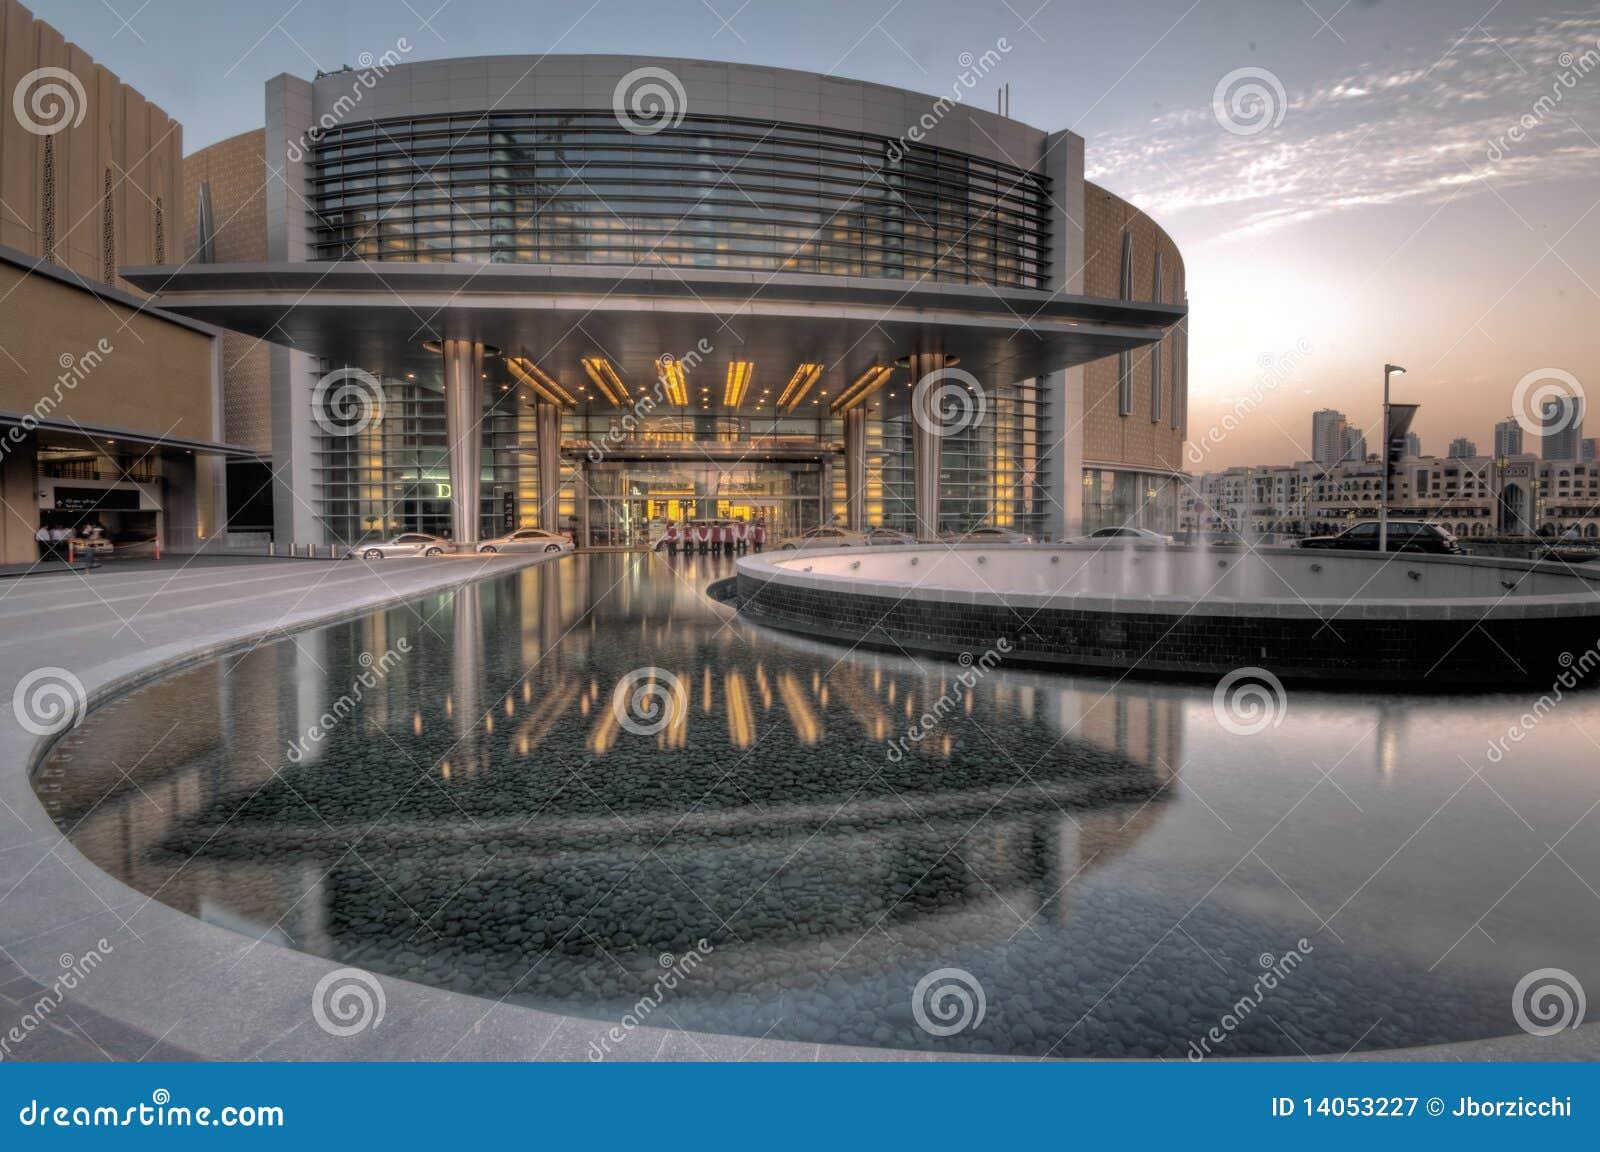 Dubai Mall, Dubai City.UAE